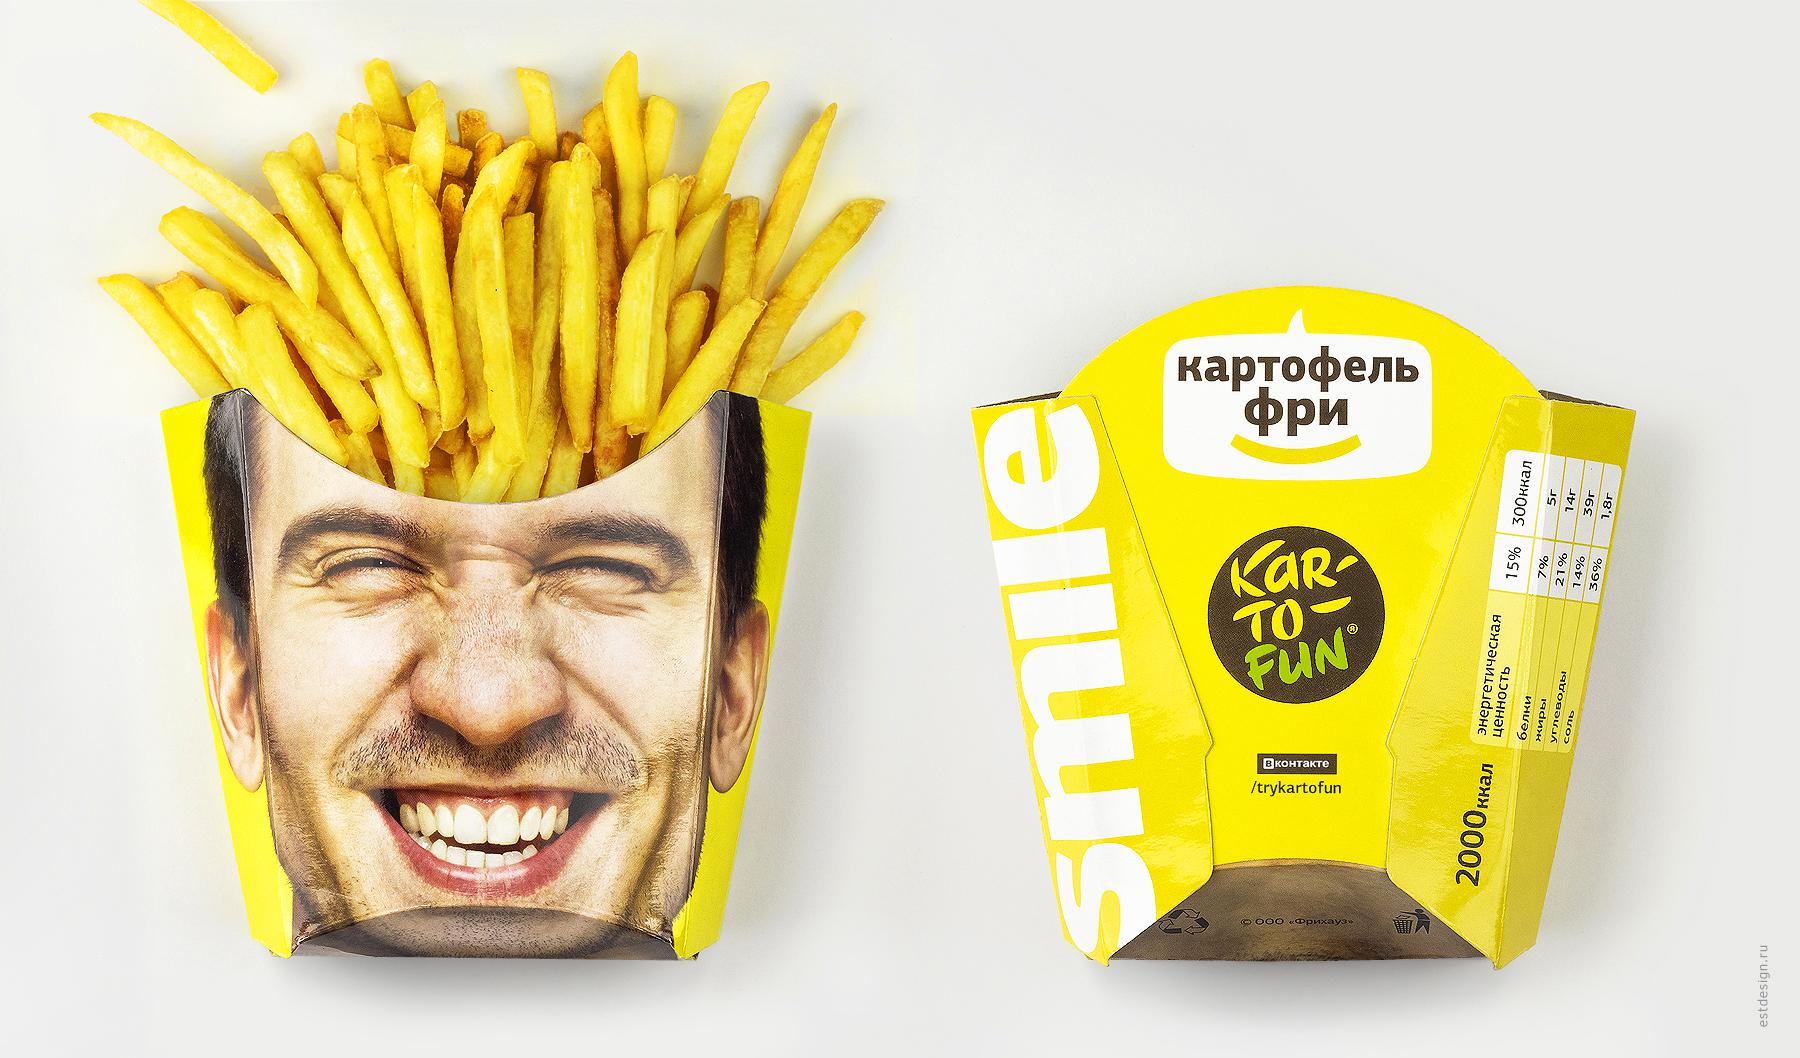 Картофель фри дизайн